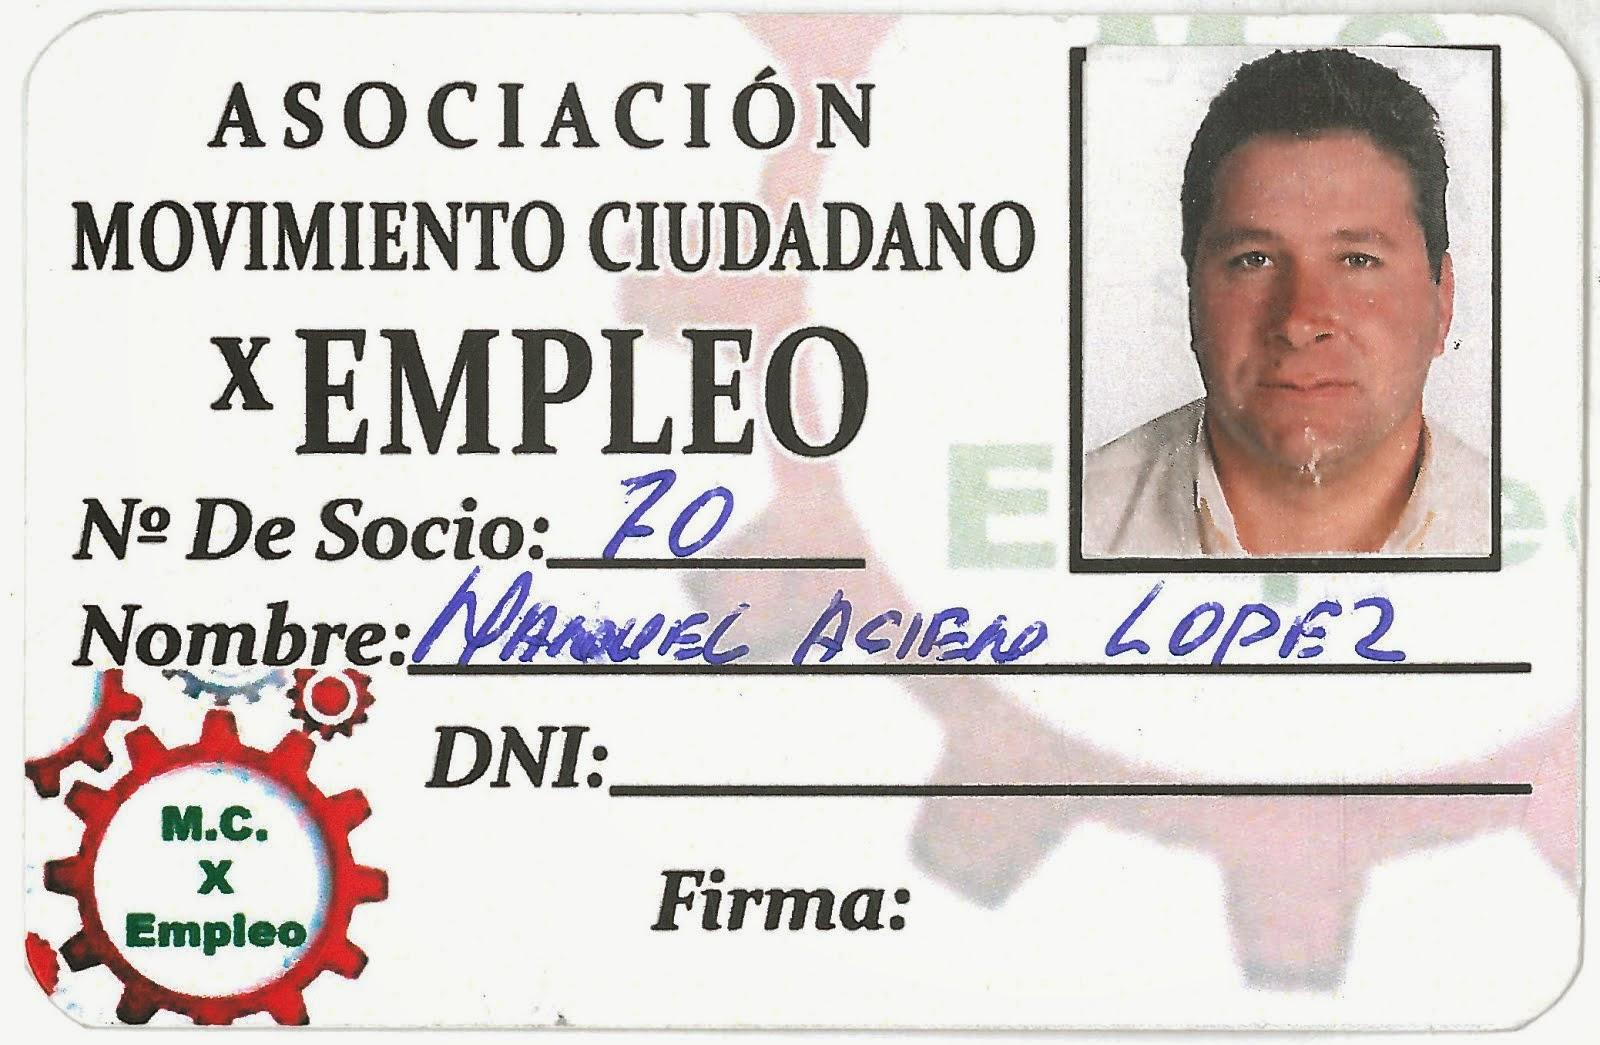 MANUEL LOPEZ ACIEN